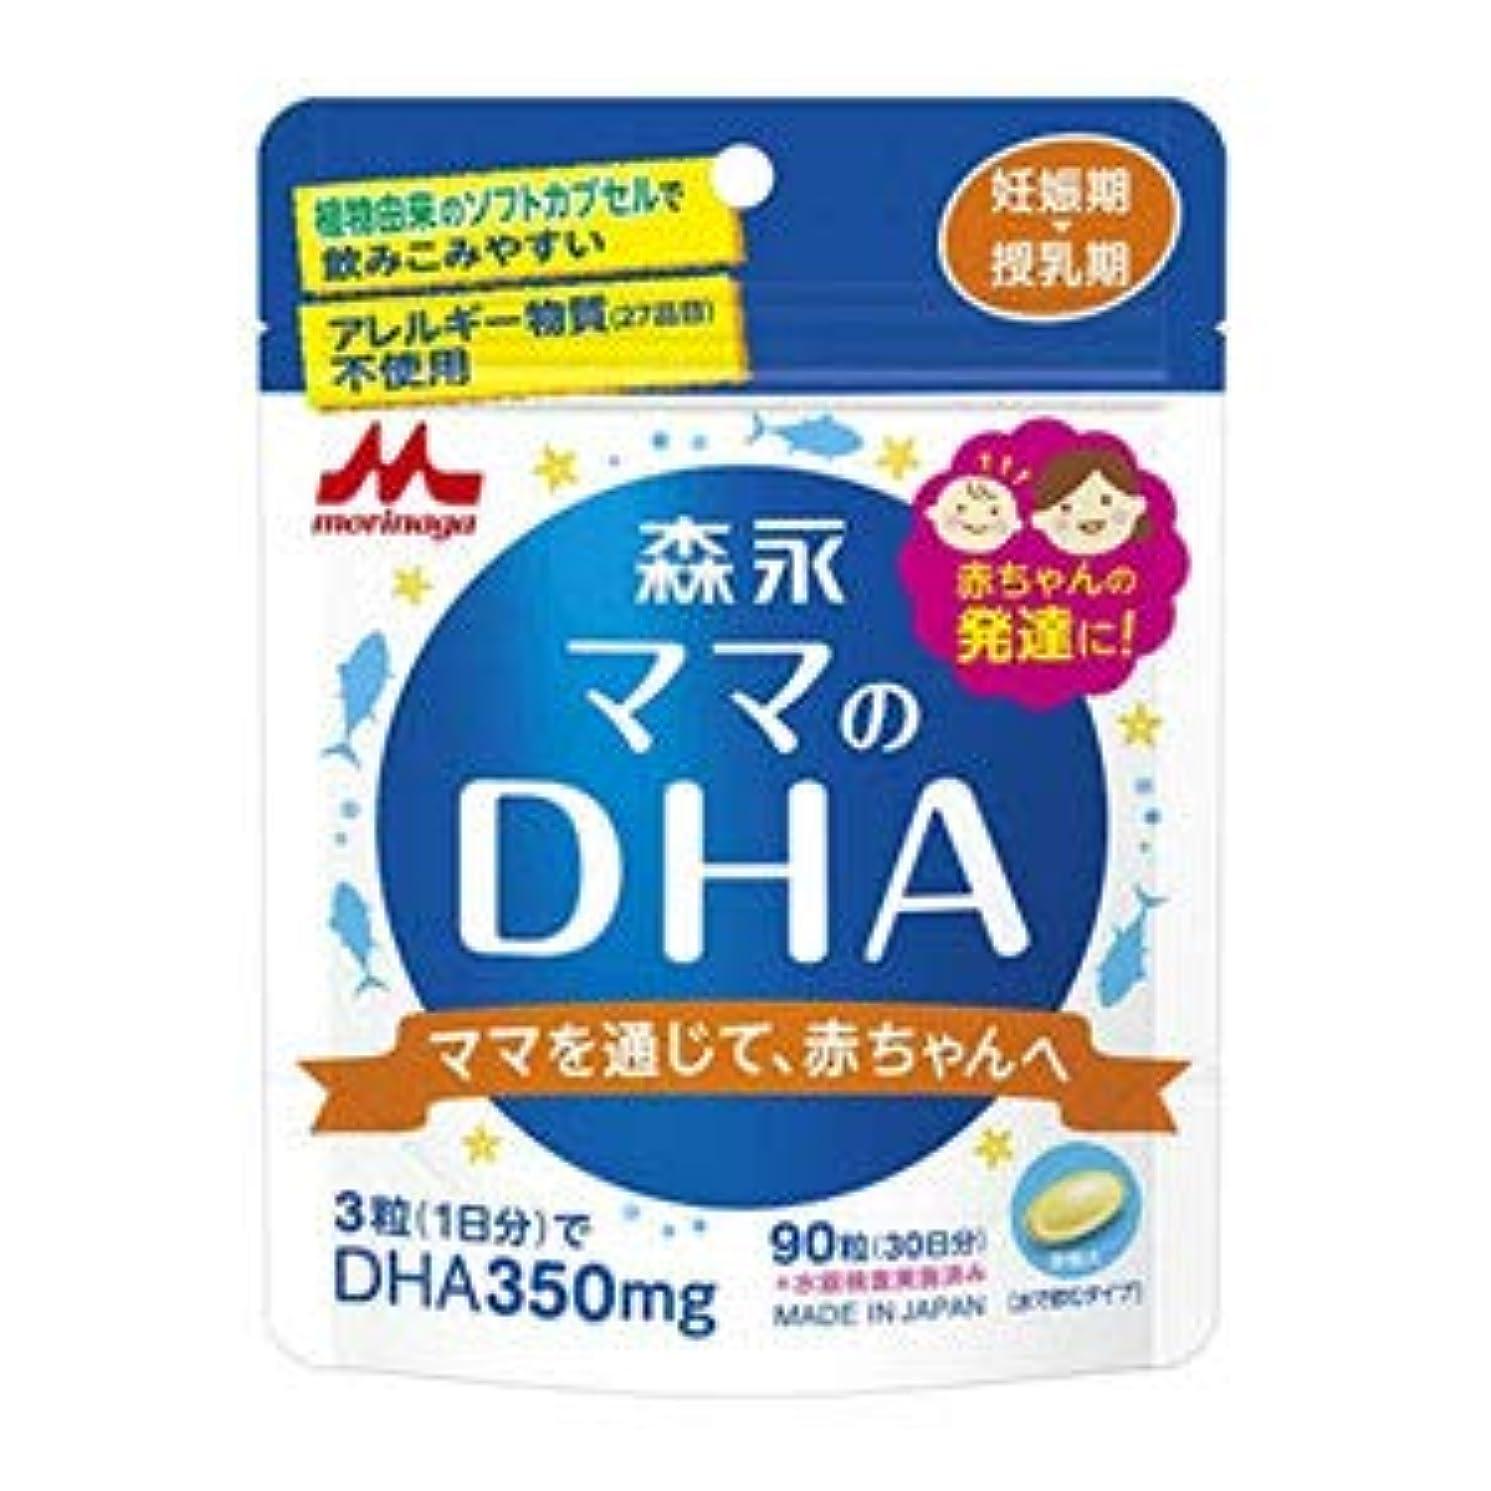 防止険しい不安定な森永 ママのDHA 90粒入 (約30日分)×6個